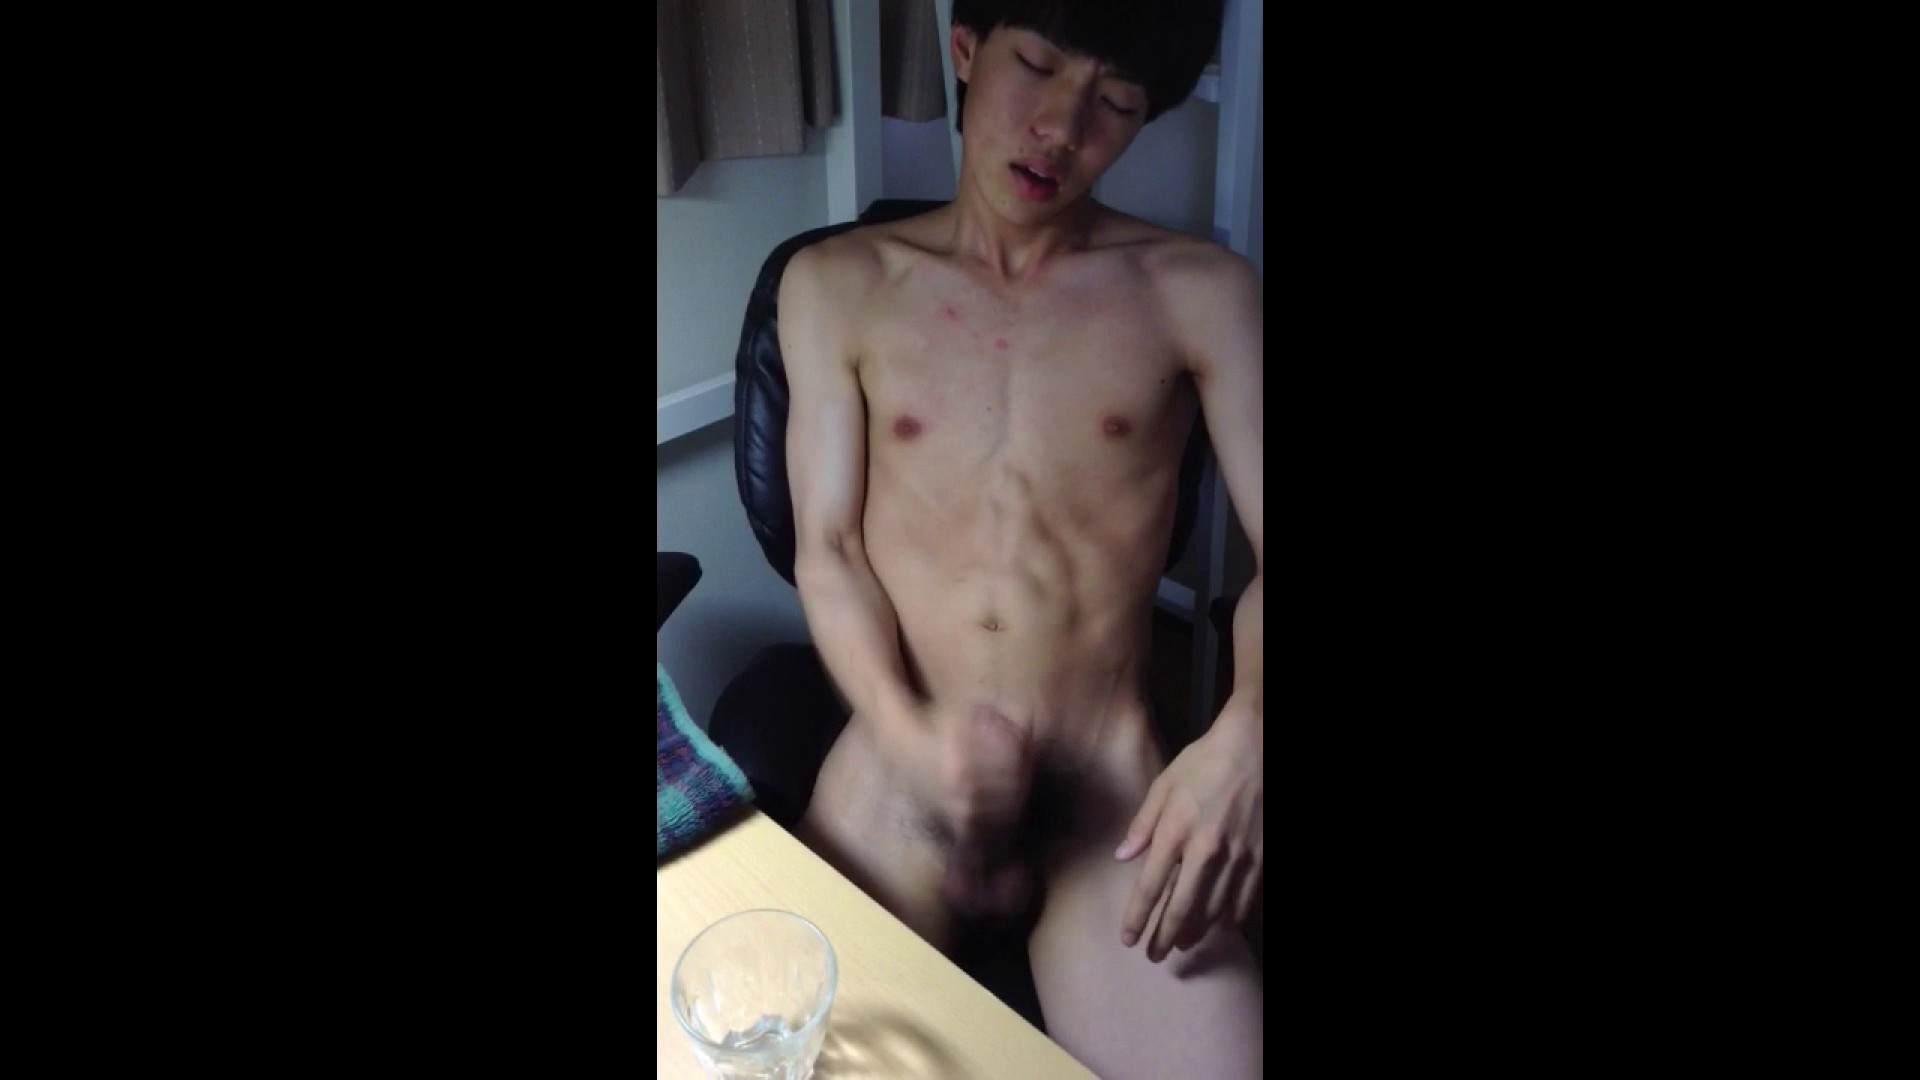 ゆめかわな男子のゆめかわオナニー   vol.14 自撮り男子 ゲイエロビデオ画像 68枚 6